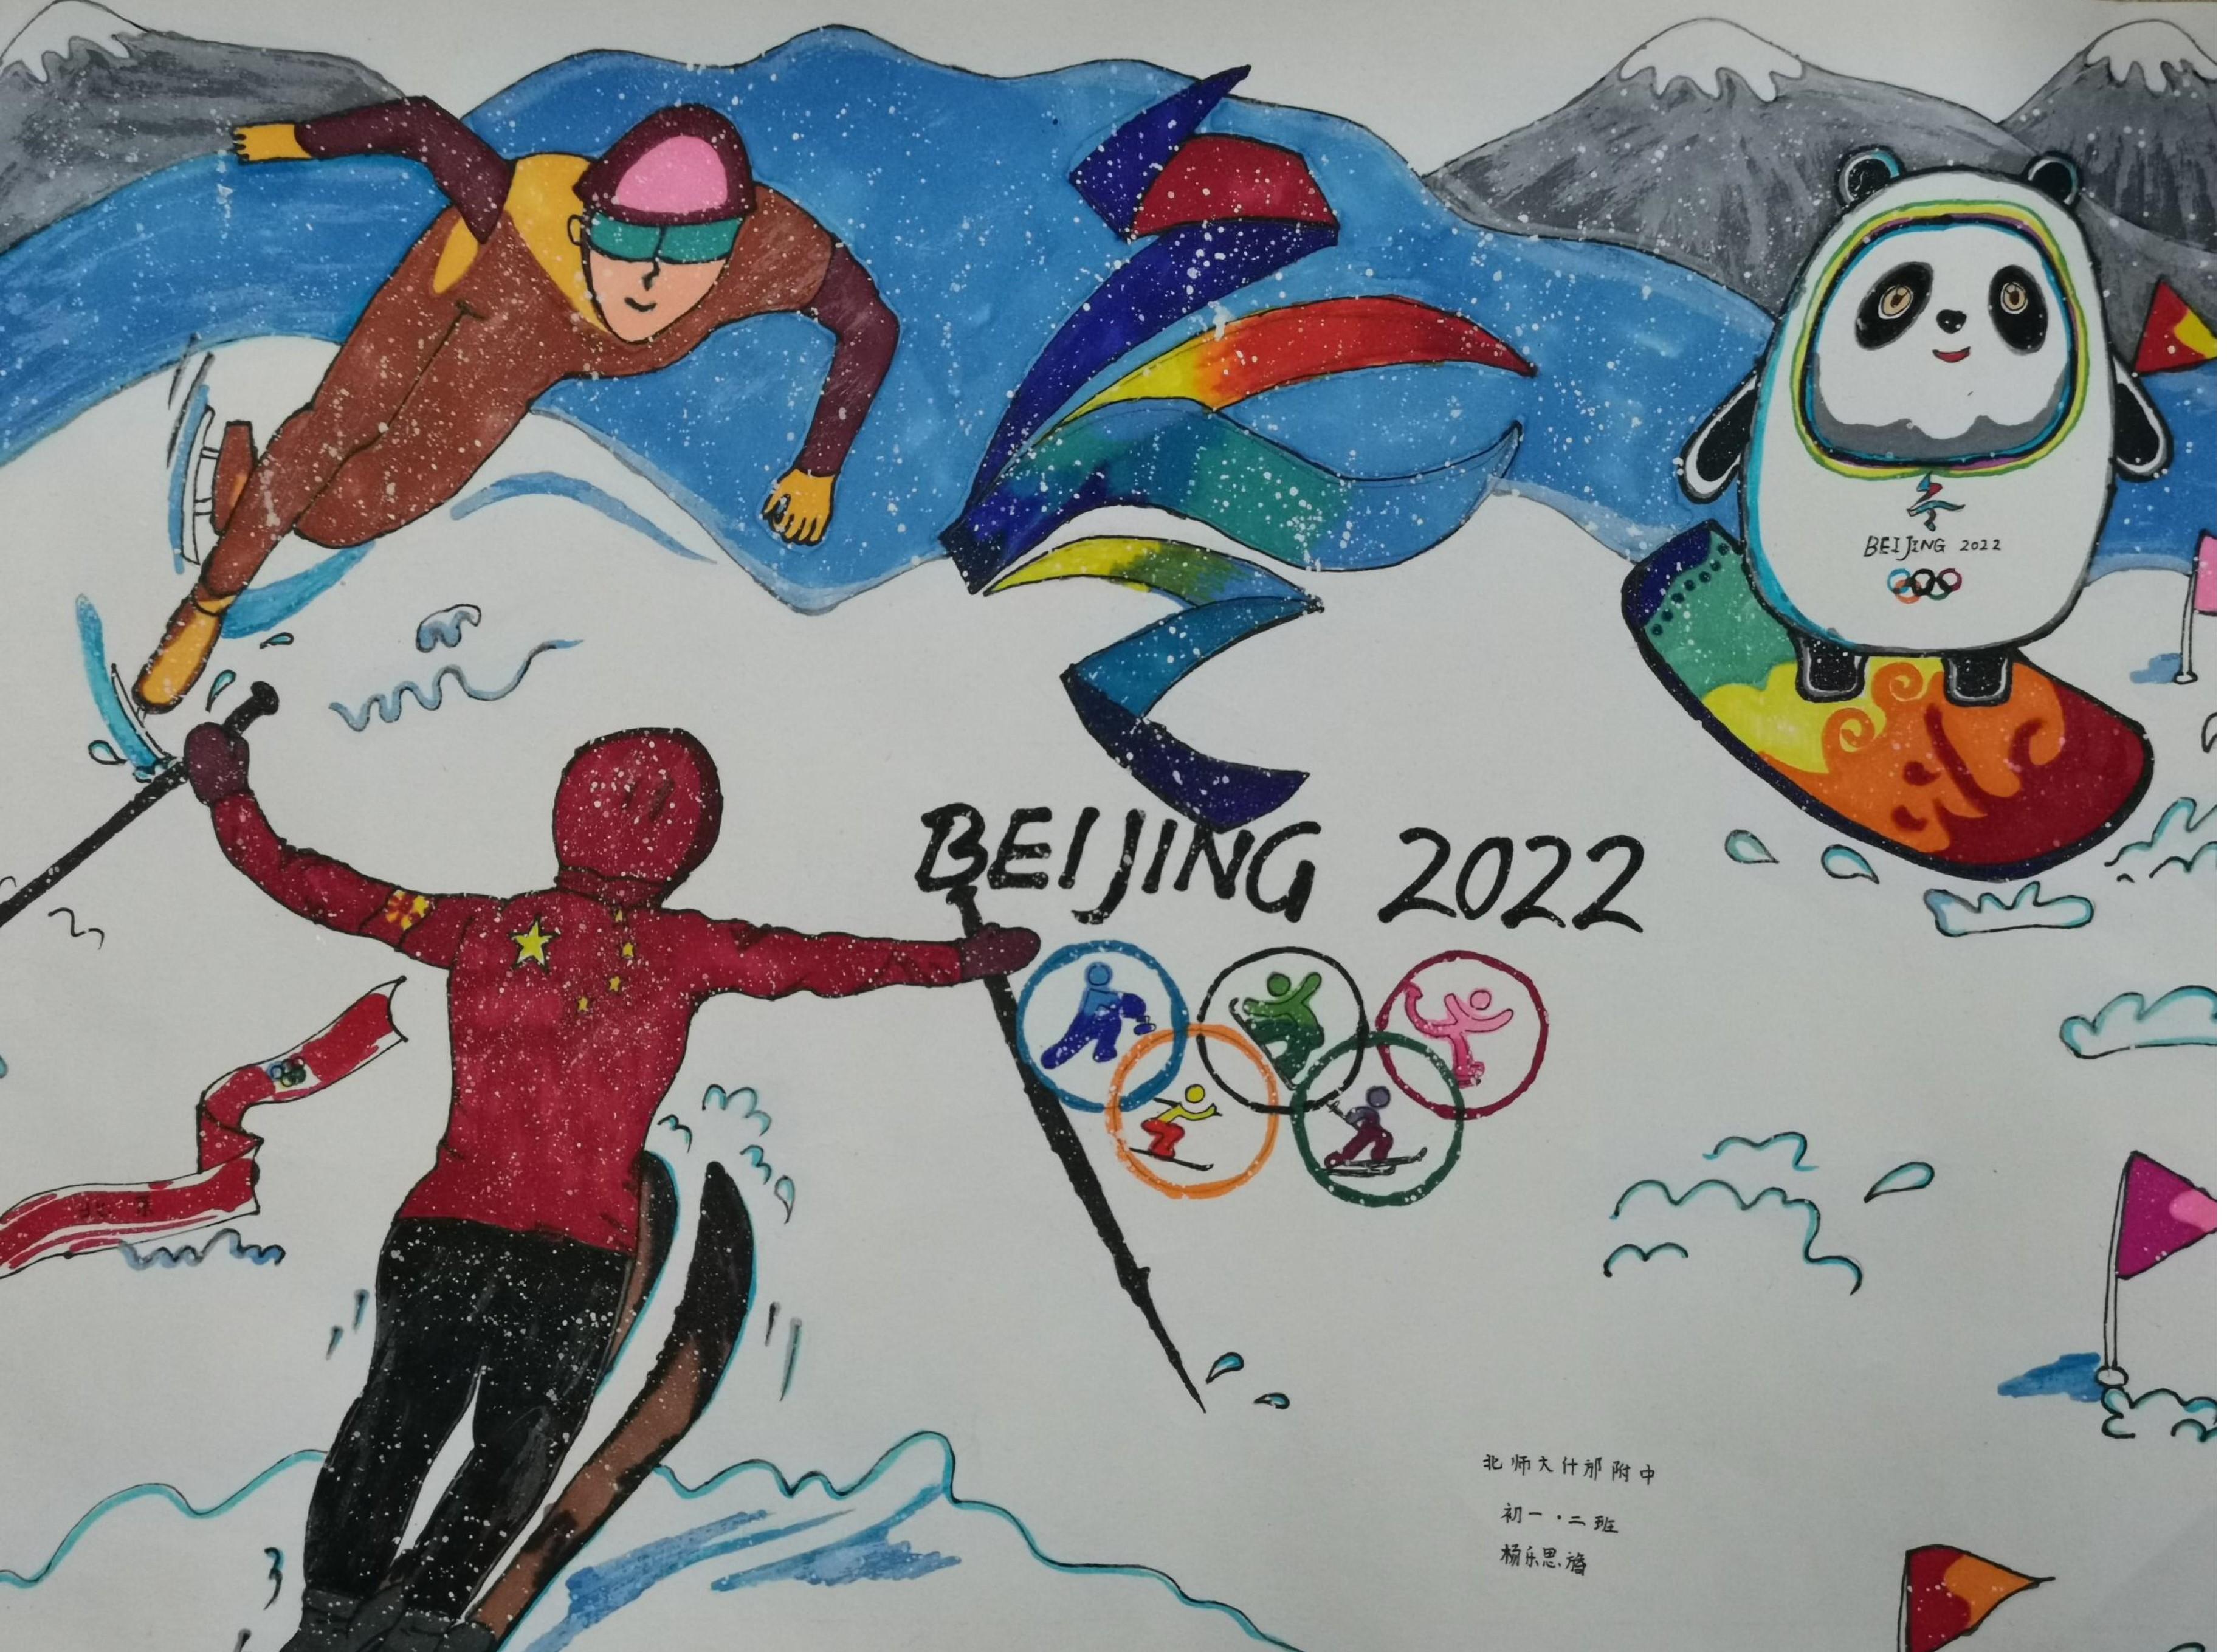 《北京2022》Beijing2022+杨乐思旖 Yang Lesiyi+12+15181026619